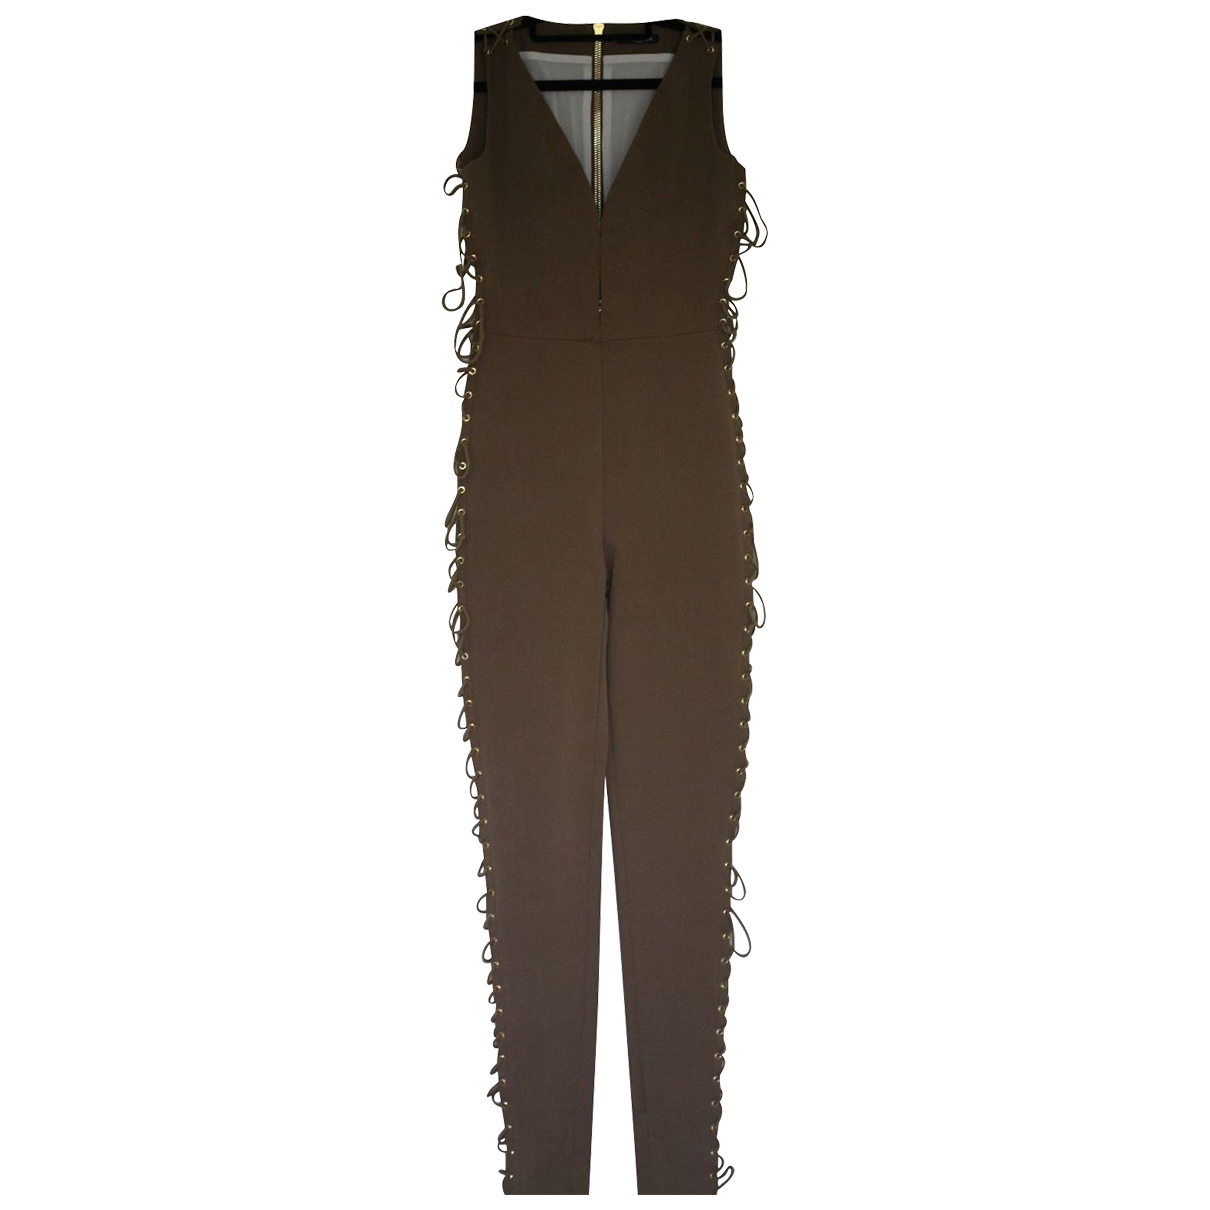 Balmain N Green Cotton jumpsuit for Women 38 FR